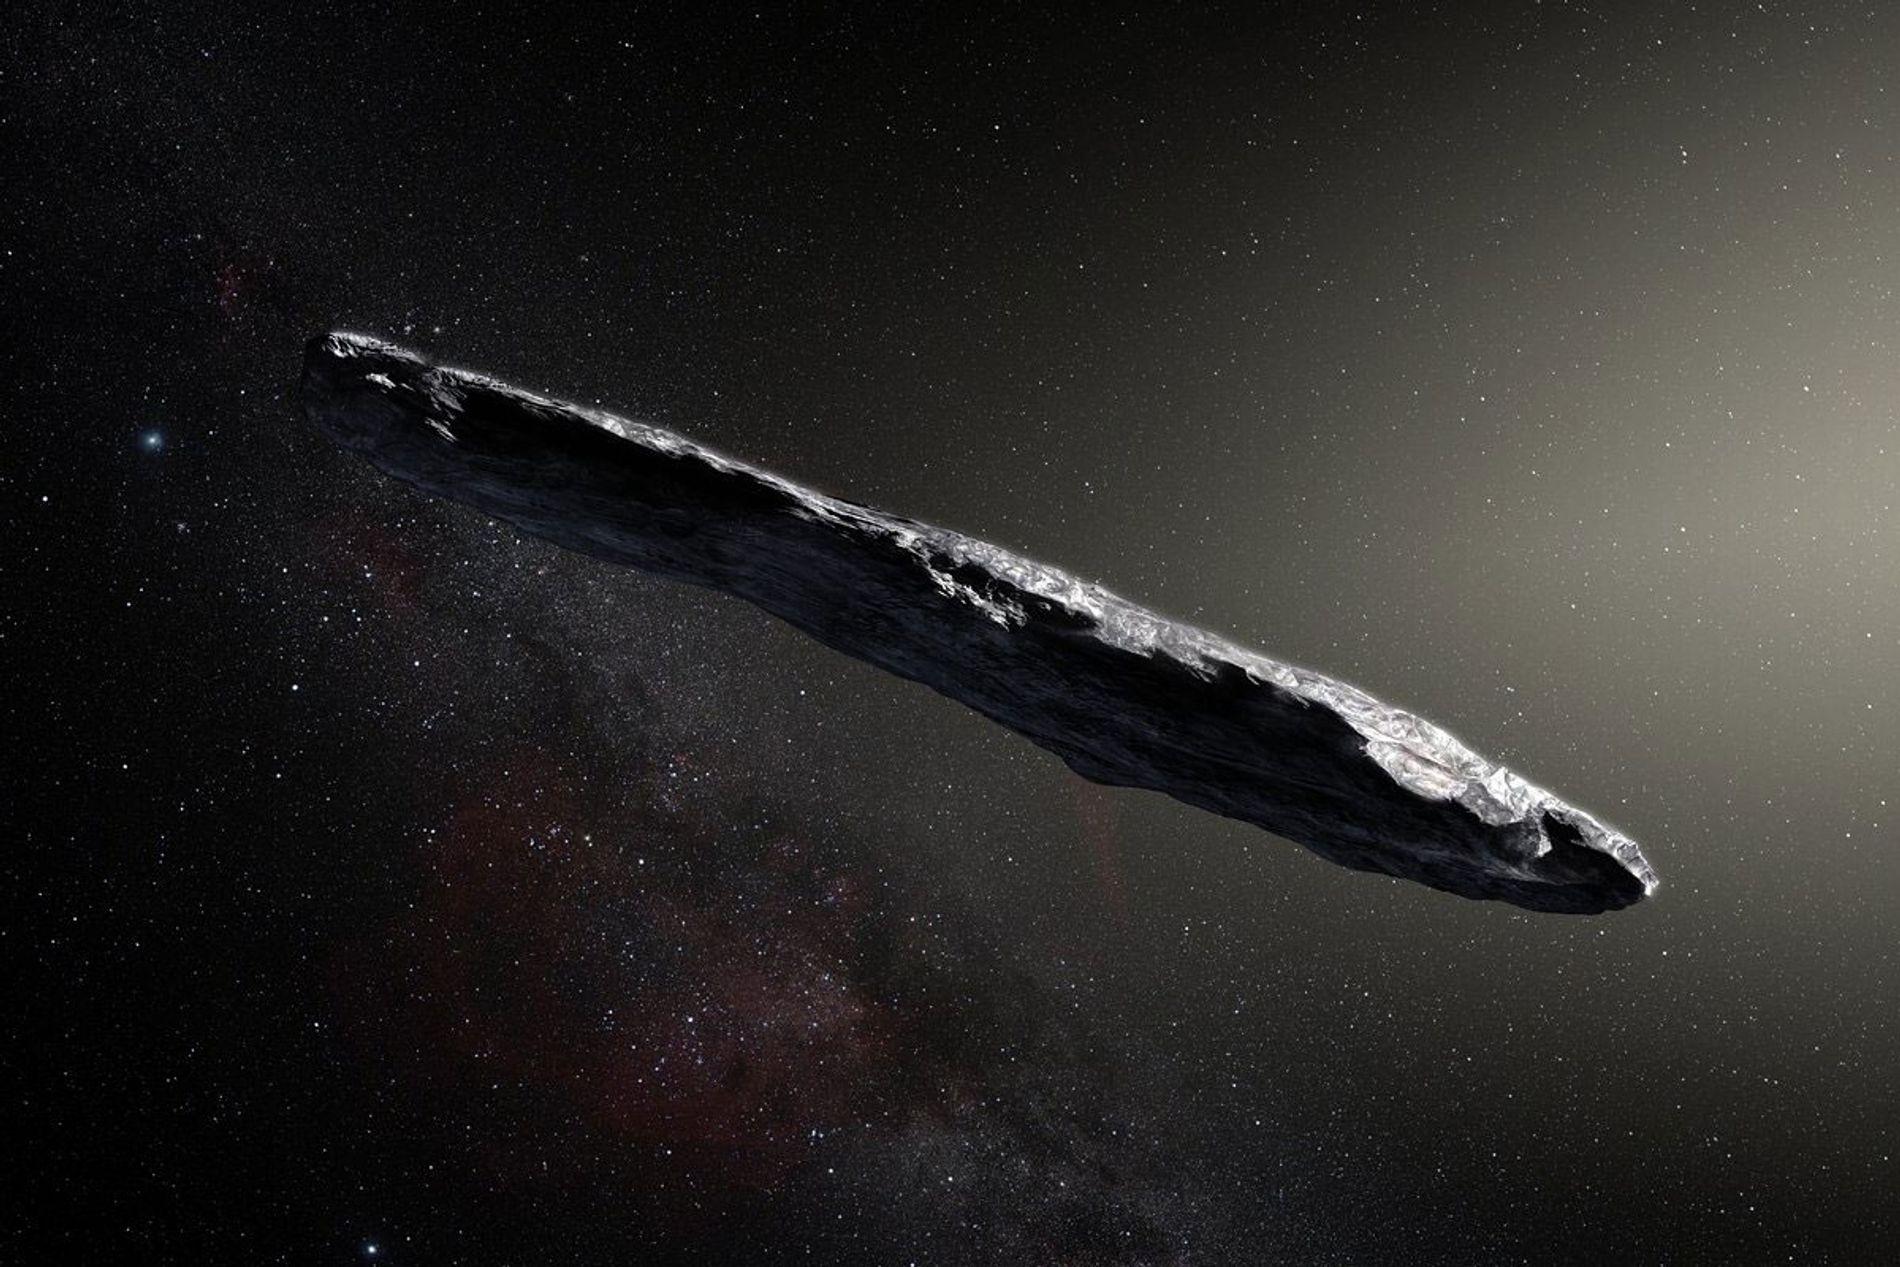 Représentation artistique de l'astéroïde`Oumuamua. Cet objet a traversé l'espace pendant des millions d'années avant de survoler ...